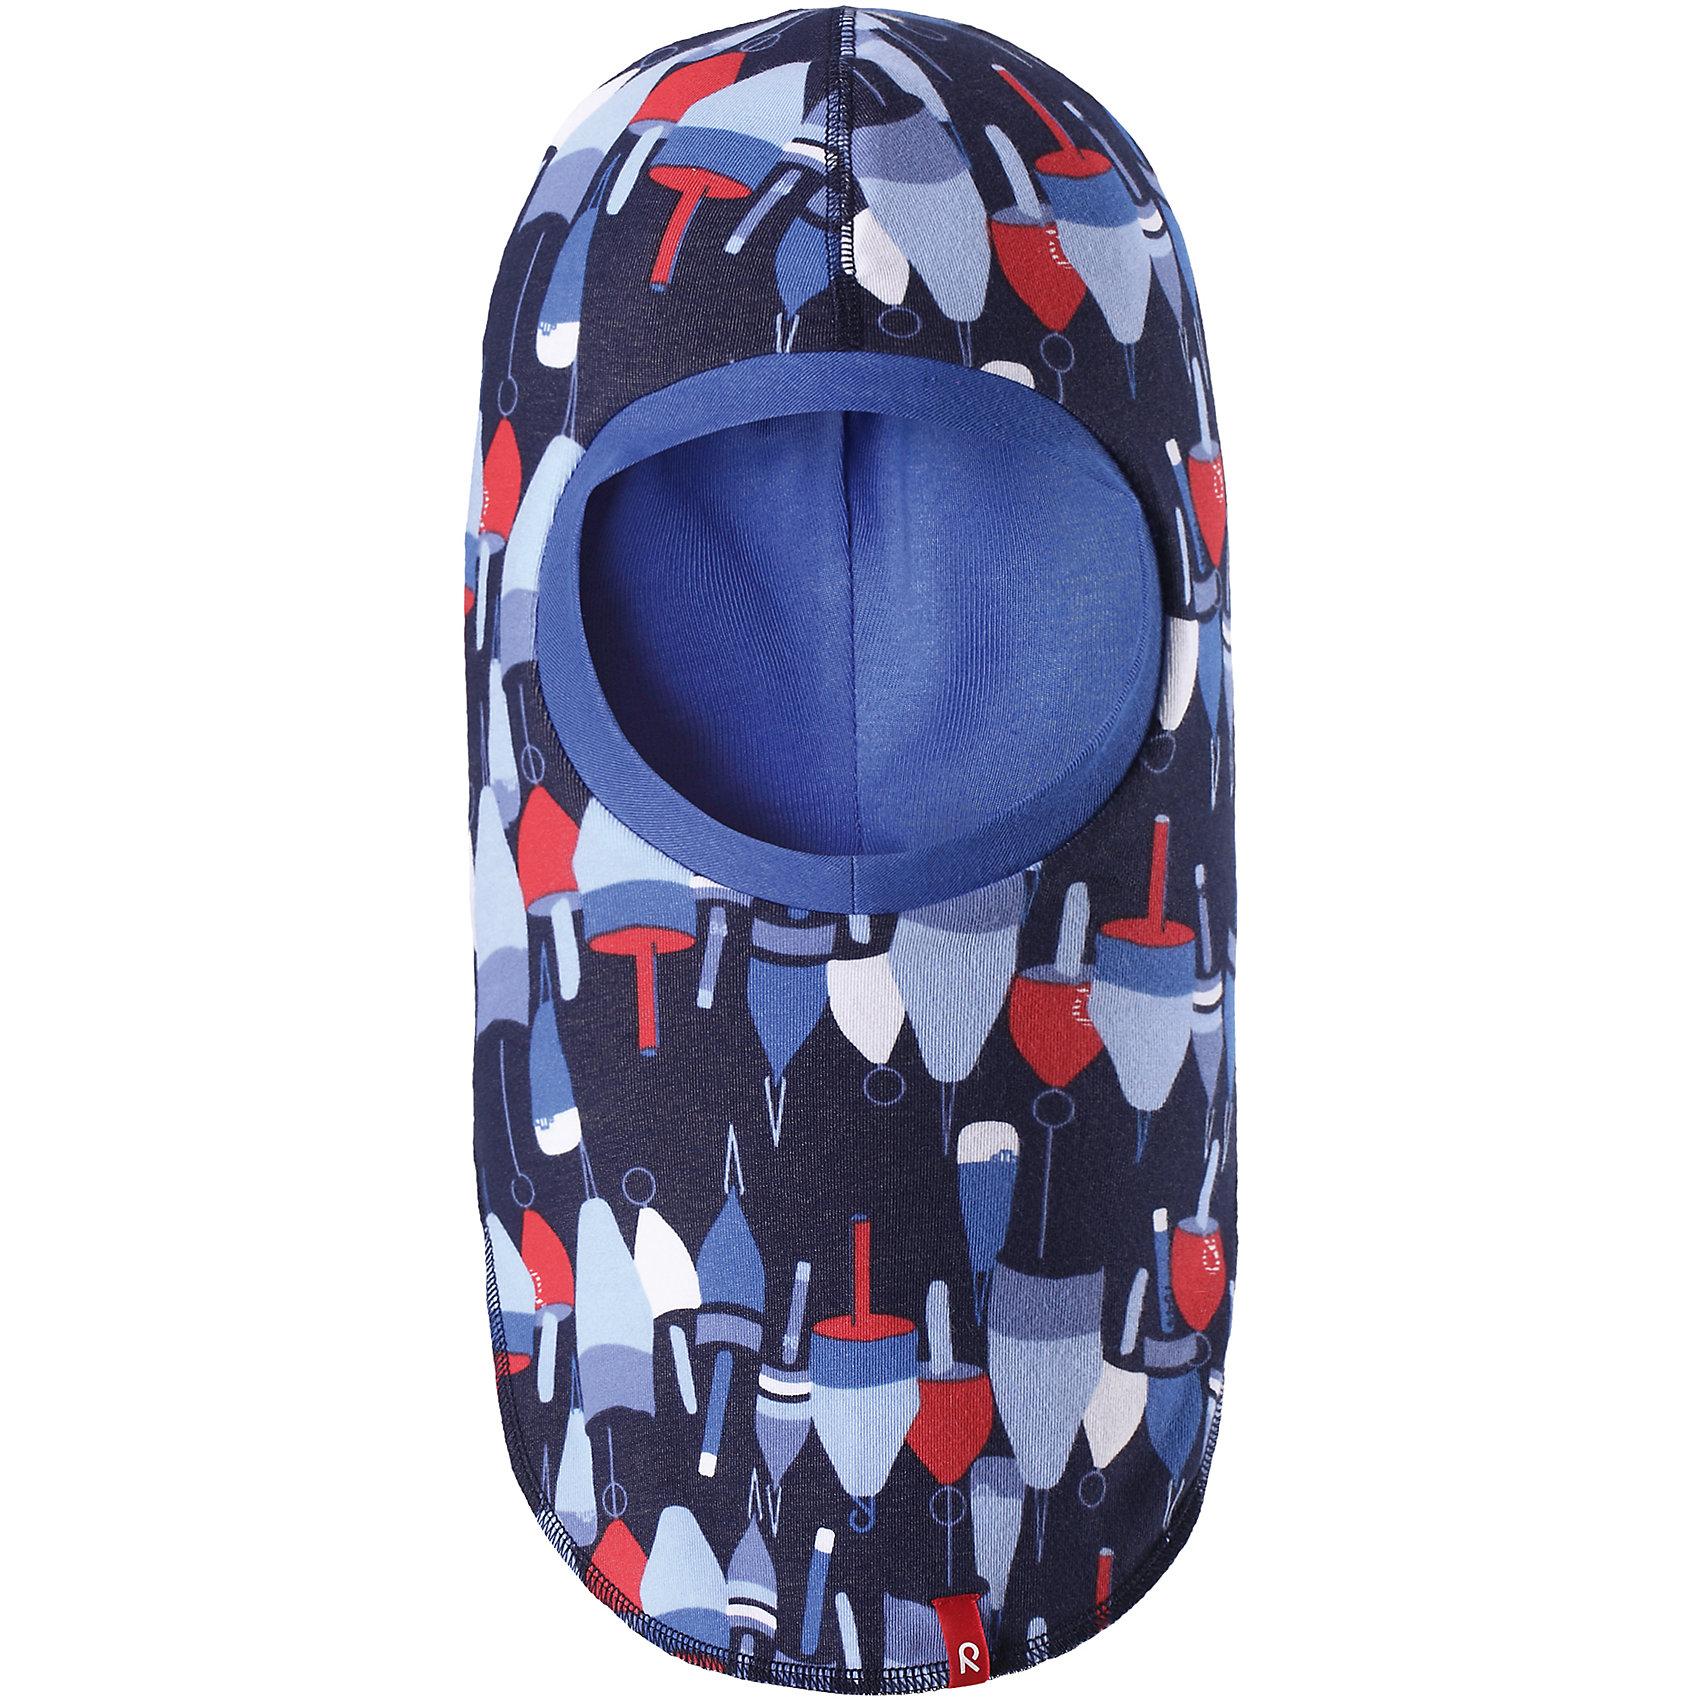 Шапка ReimaШапка от финского бренда Reima.<br>Шапка-шлем для детей и малышей. Эластичный материал. Быстросохнущий материал Play Jersey, приятный на ощупь. Выводит влагу наружу и быстро сохнет. Мягкий хлопчатобумажный верх, внутренняя поверхность хорошо выводит влагу. Эластичный удобный материал. Фактор защиты от ультрафиолета 40+. Двухсторонняя модель. Сплошная подкладка: отводящий влагу материал Play Jersey. Логотип Reima®. Принт по всей поверхности.<br>Состав:<br>65% Хлопок, 30% полиэстер, 5% эластан<br><br>Уход:<br>Стирать с бельем одинакового цвета, вывернув наизнанку. Полоскать без специального средства. Придать первоначальную форму вo влажном виде.<br><br>Ширина мм: 89<br>Глубина мм: 117<br>Высота мм: 44<br>Вес г: 155<br>Цвет: синий<br>Возраст от месяцев: 18<br>Возраст до месяцев: 36<br>Пол: Унисекс<br>Возраст: Детский<br>Размер: 50,54,46<br>SKU: 5270976